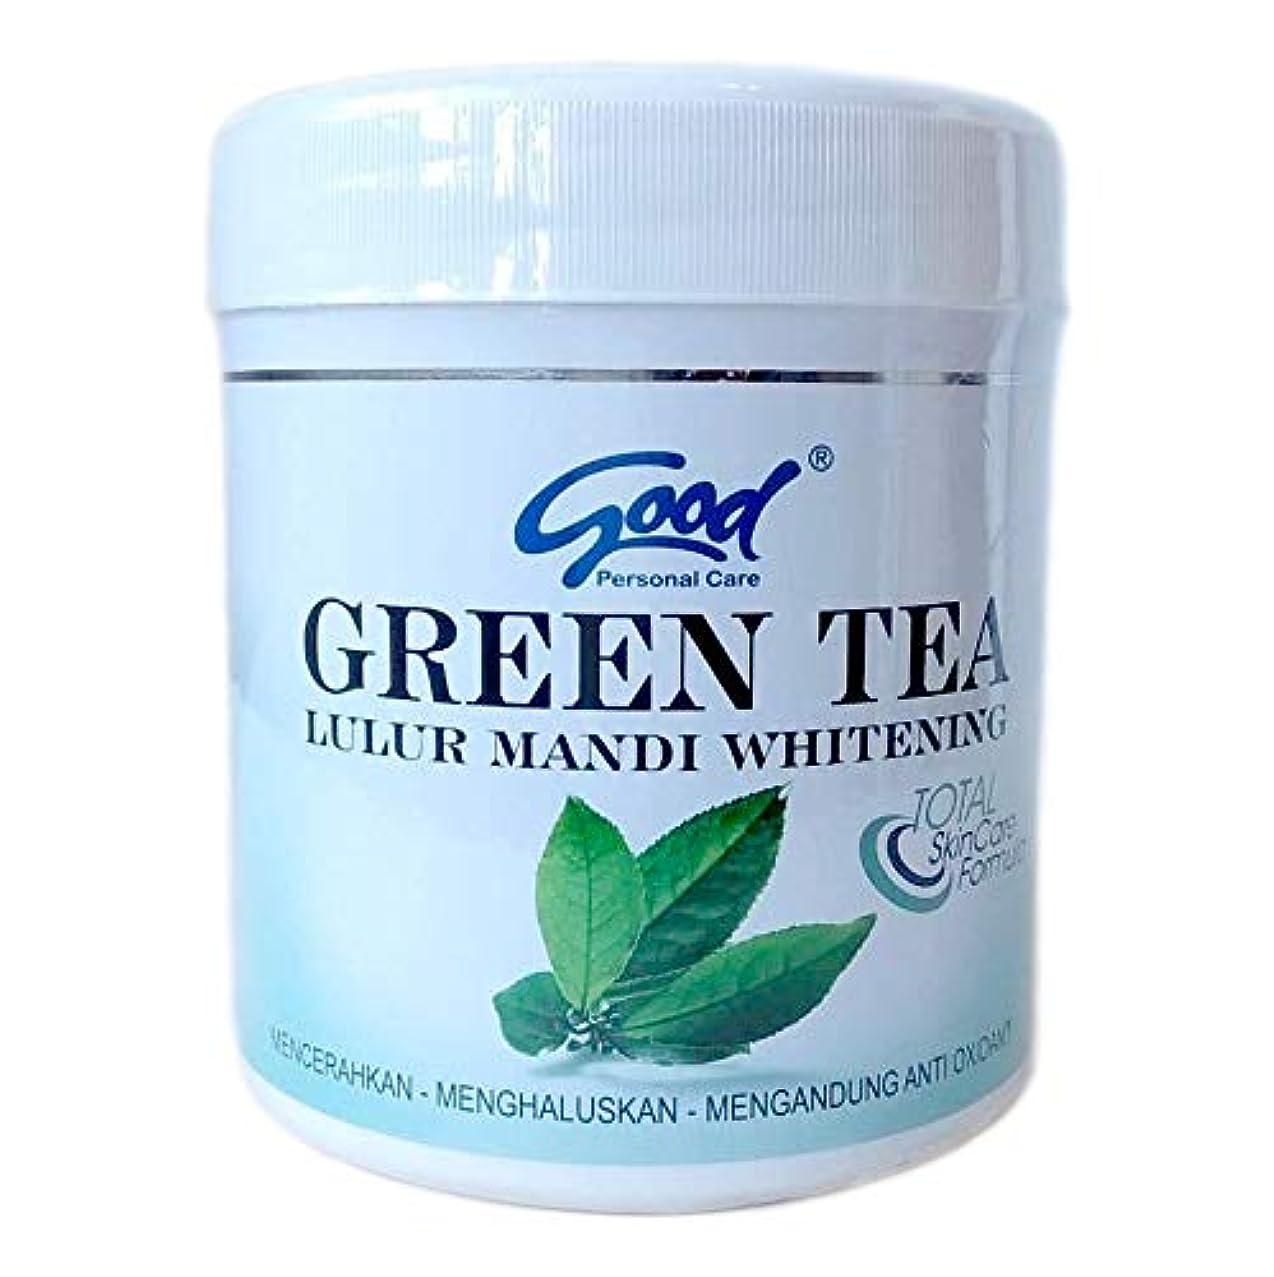 事前思慮のない順番good グッド Lulur Mandi Whitening ルルール マンディ ホワイトニング GREEN TEA グリーンティー 1kg / マンディルルール ボディピーリング ボディトリートメント [海外直送品]